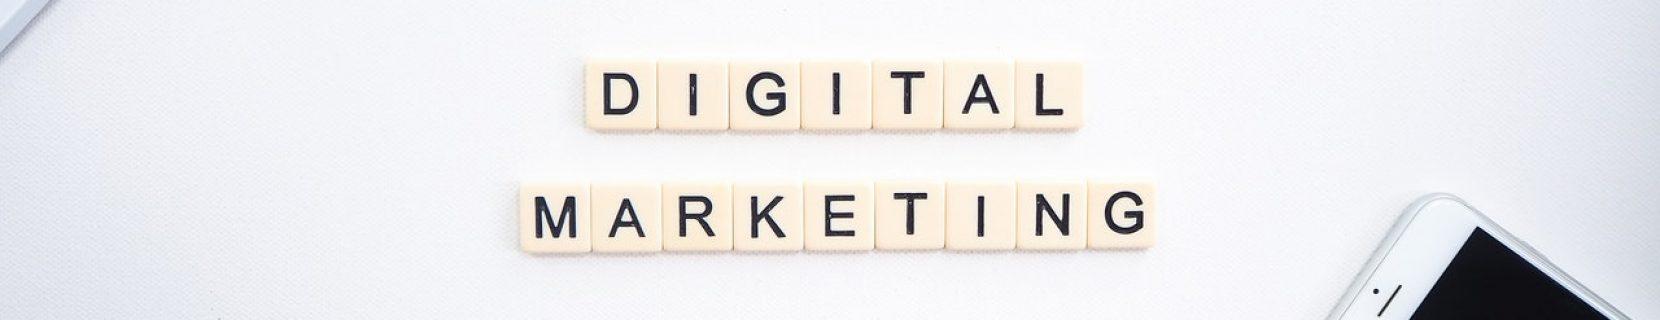 Apa itu Digital Marketing? Ini Arti dan Kelebihannya